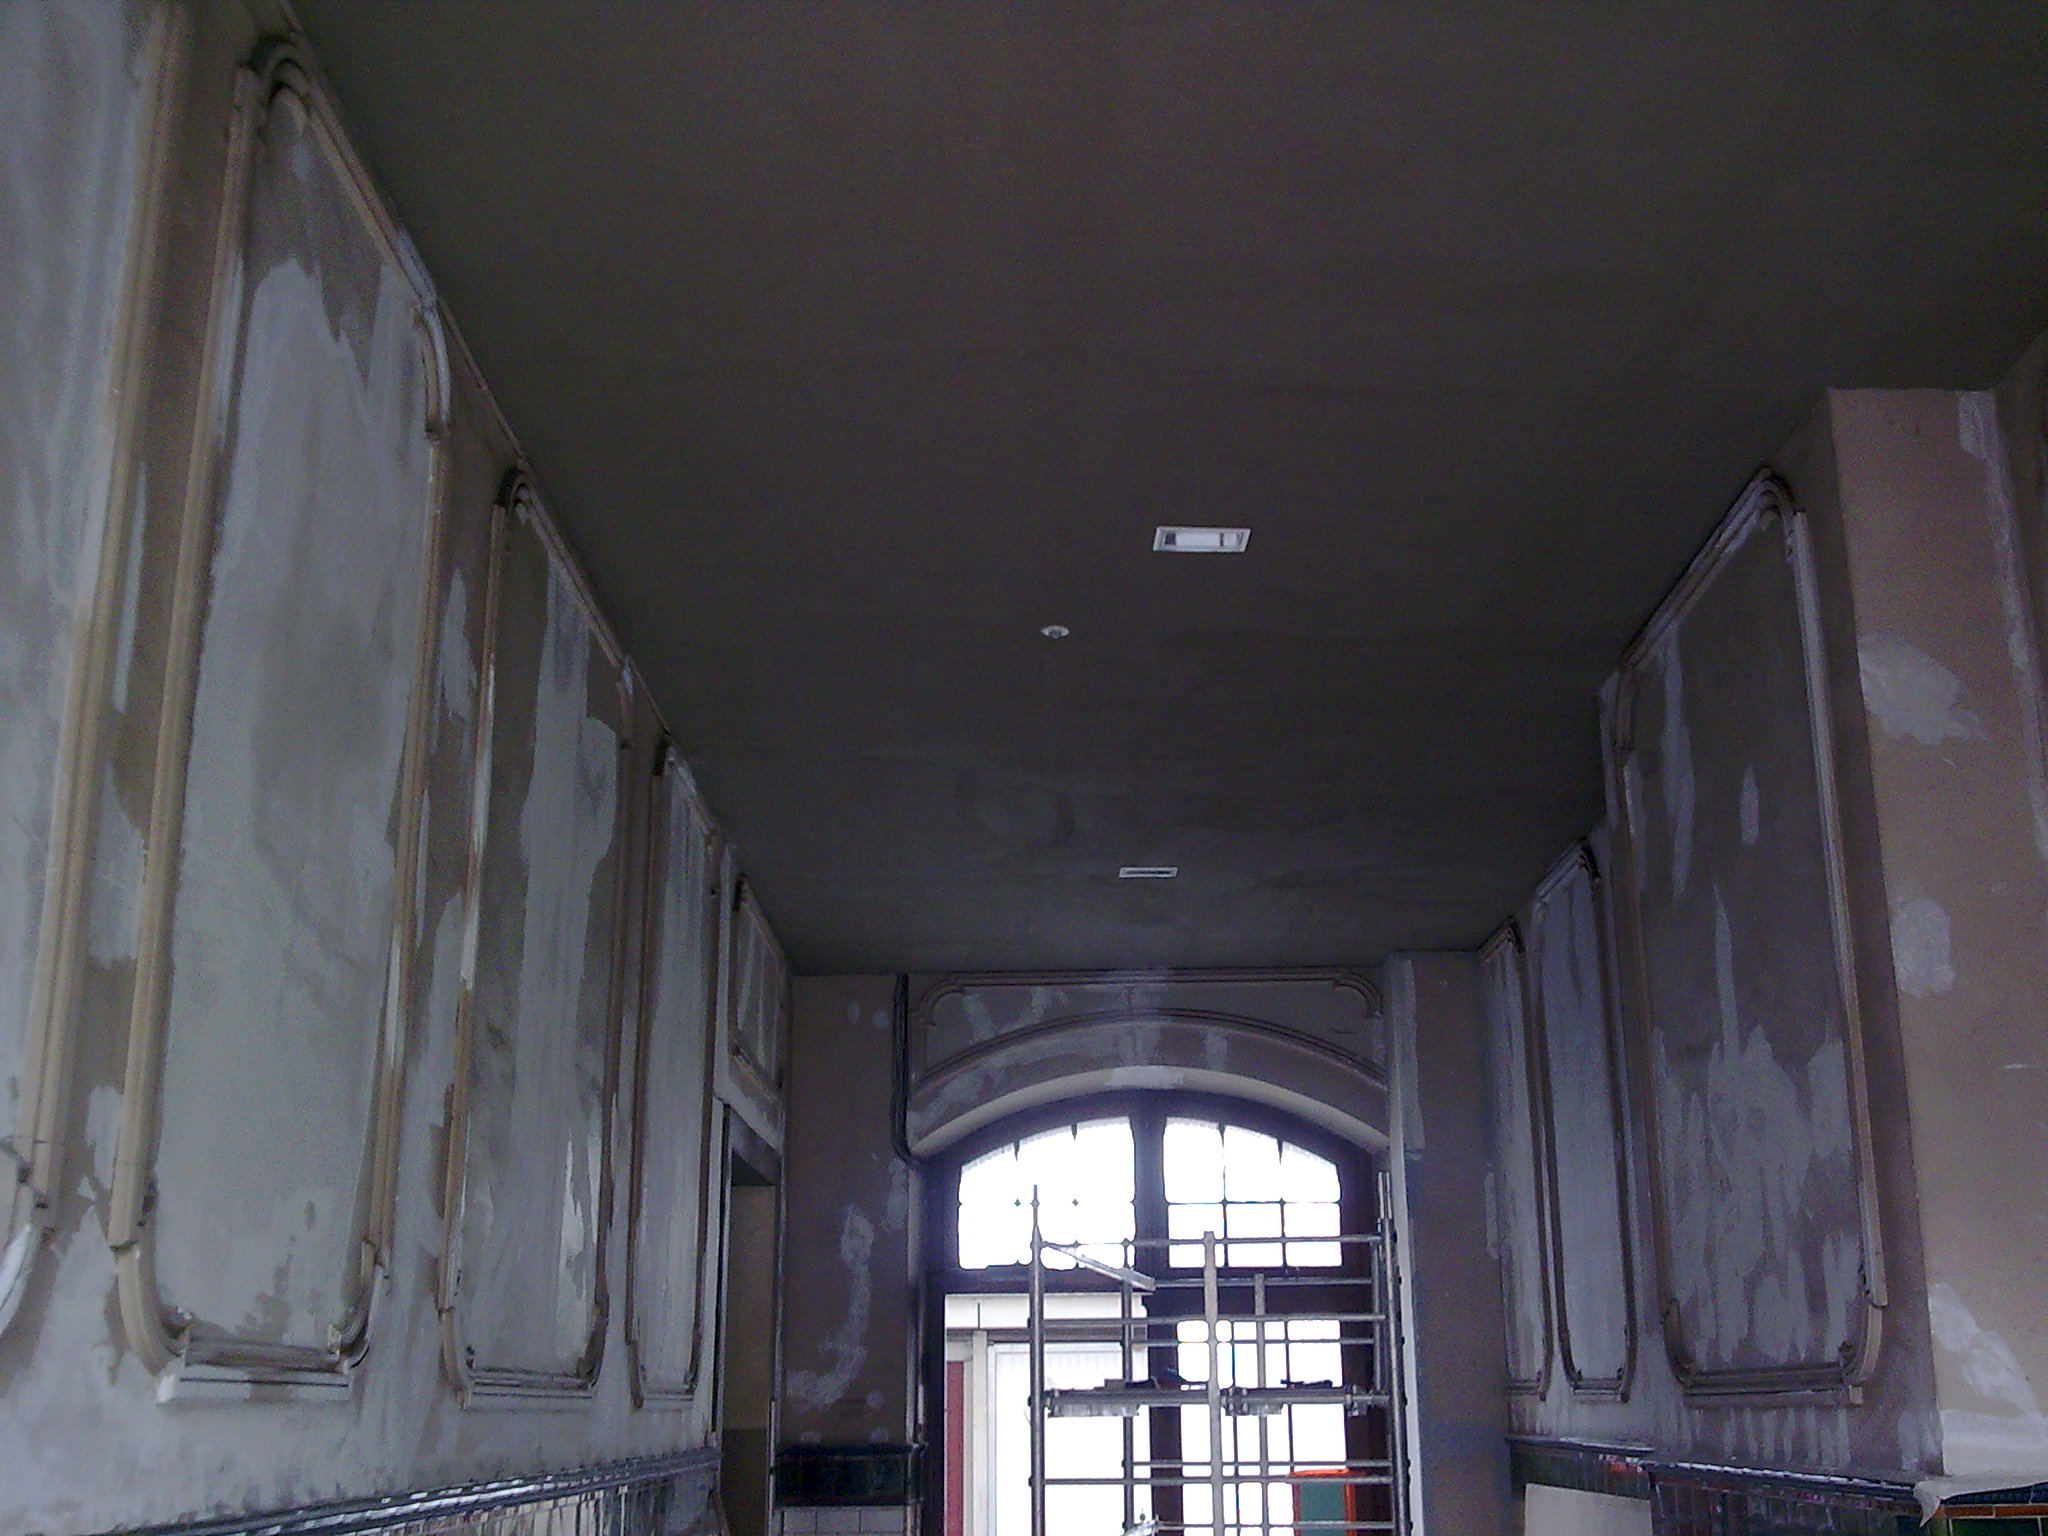 préparé avant tous travaux de peinture  boucher les trous et les fissures Activ Rénovation Strasbourg